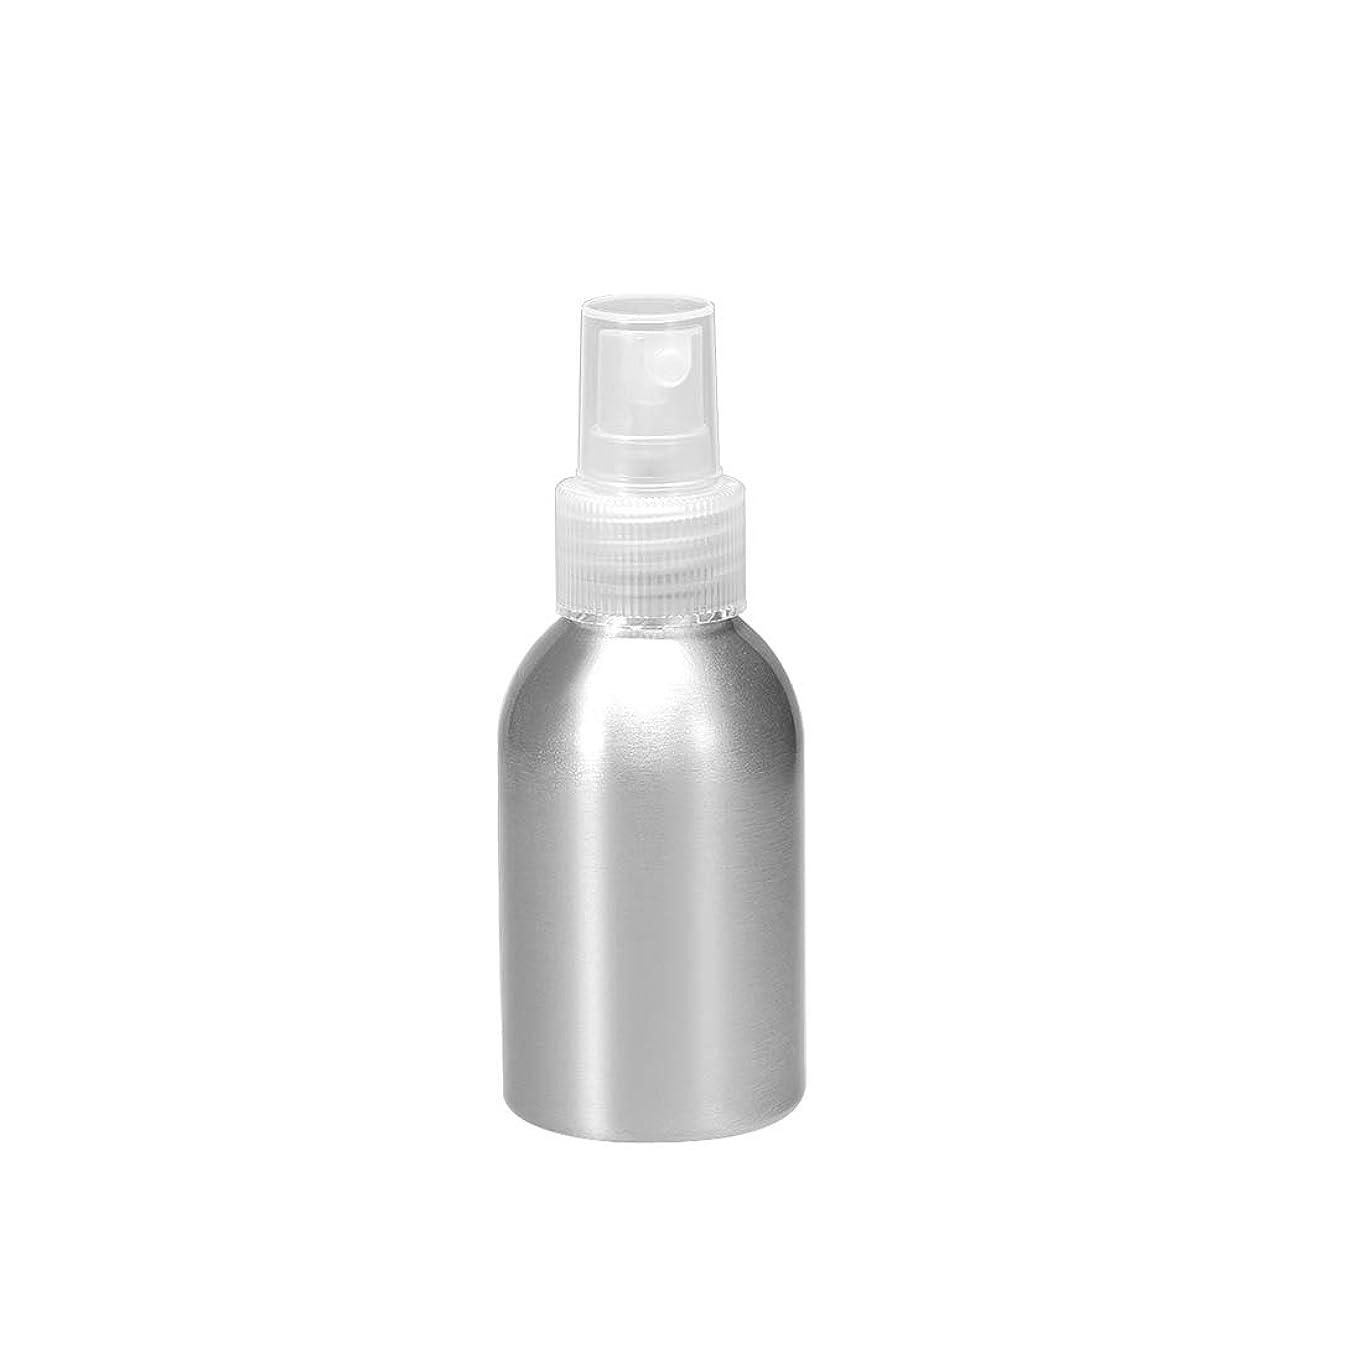 酔って感じる頂点uxcell アルミスプレーボトル クリアファインミストスプレー付き 空の詰め替え式コンテナ トラベルボトル 1.7oz/50ml